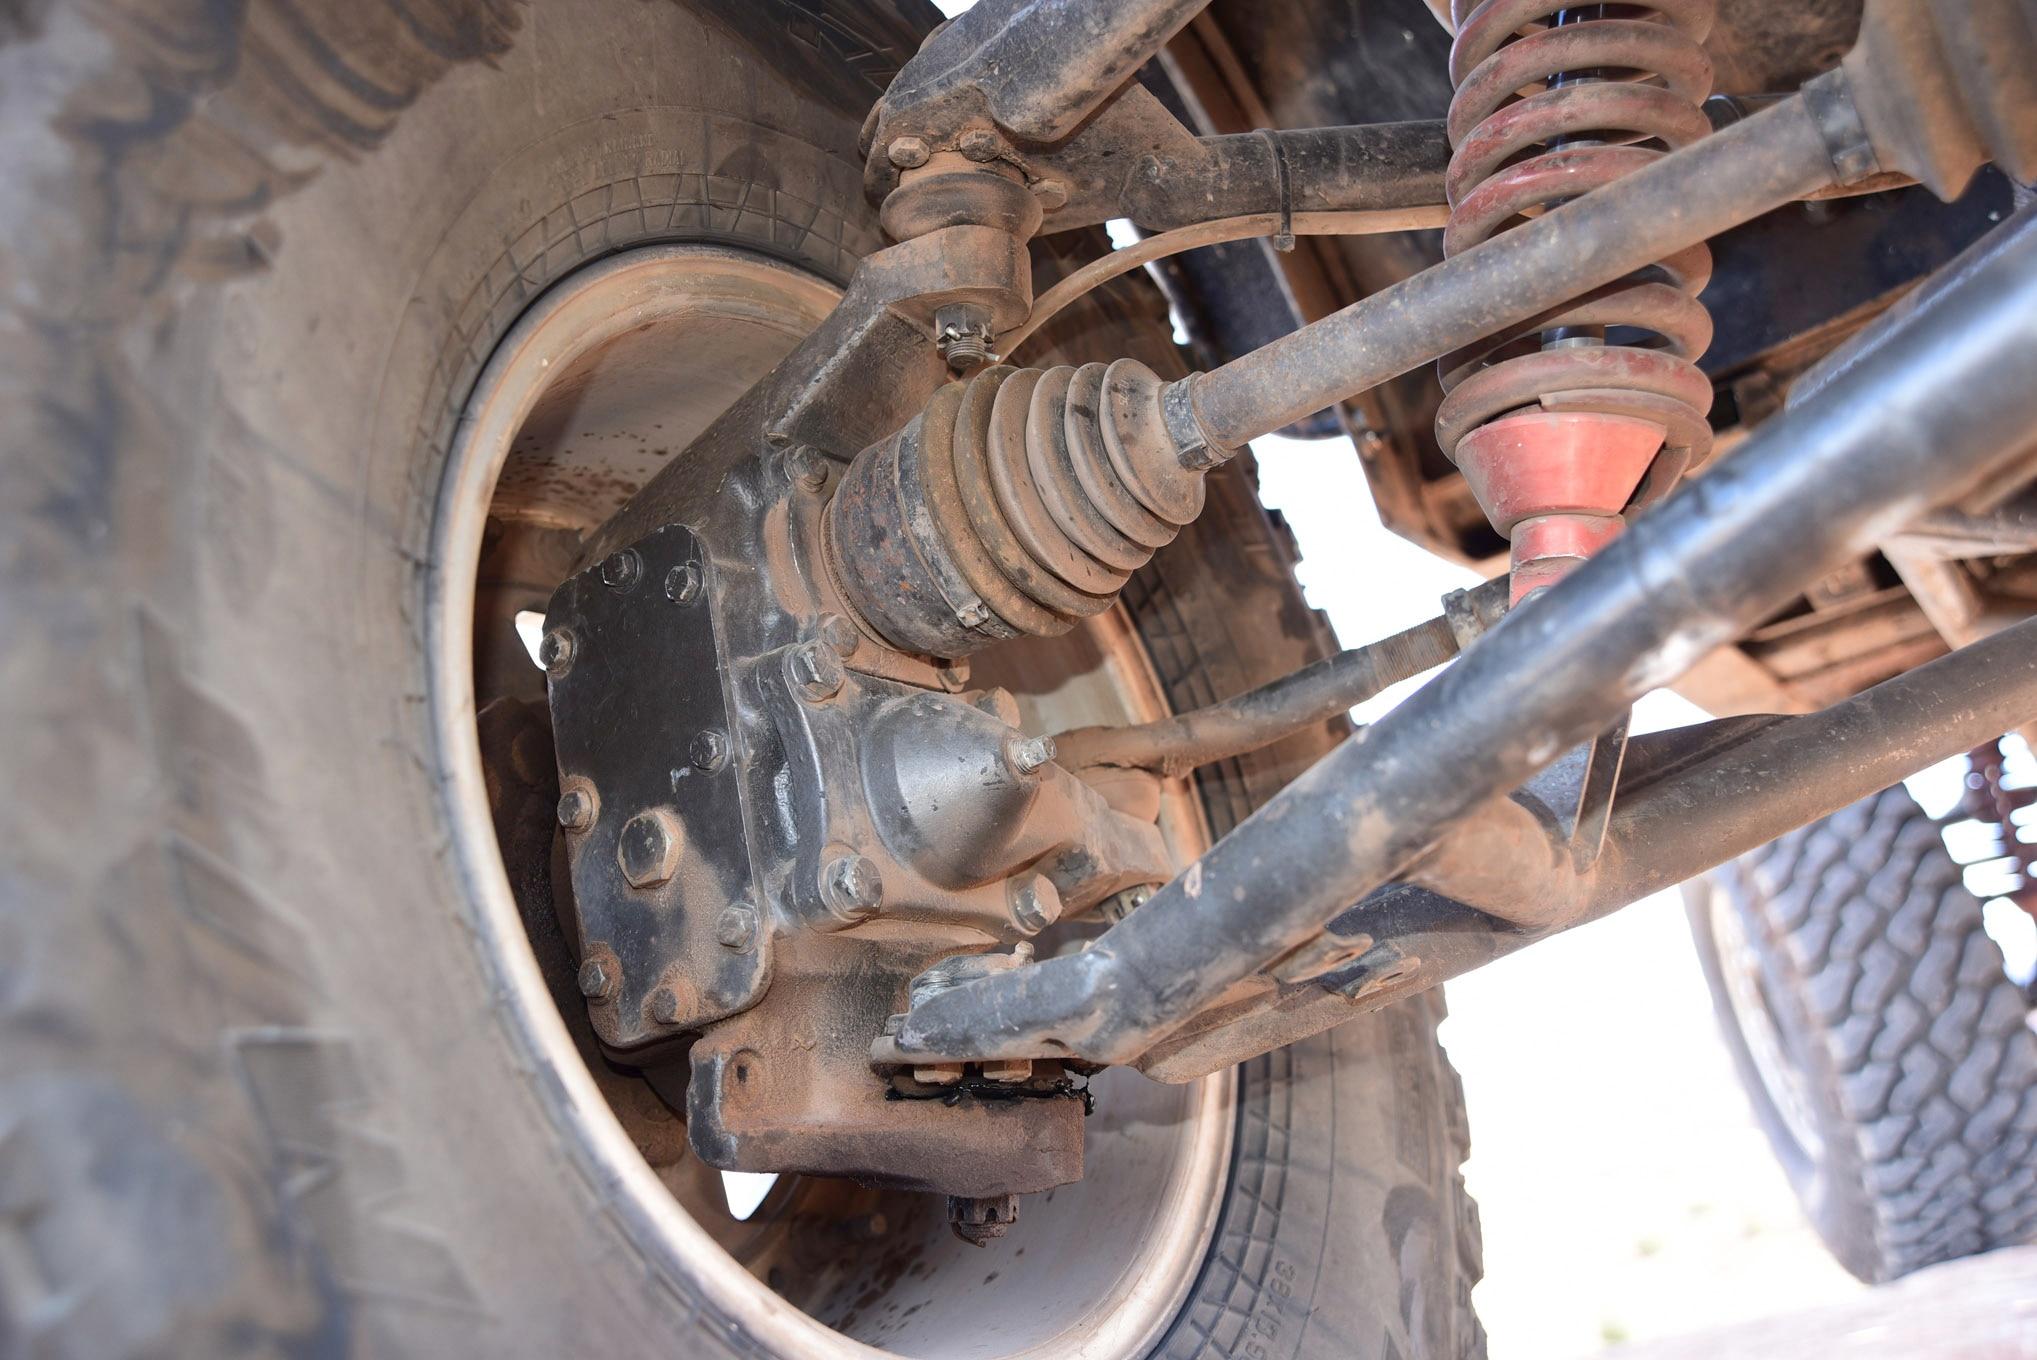 018 jeep 1976 cj7 hummer h1 portal axles 5.0l v8